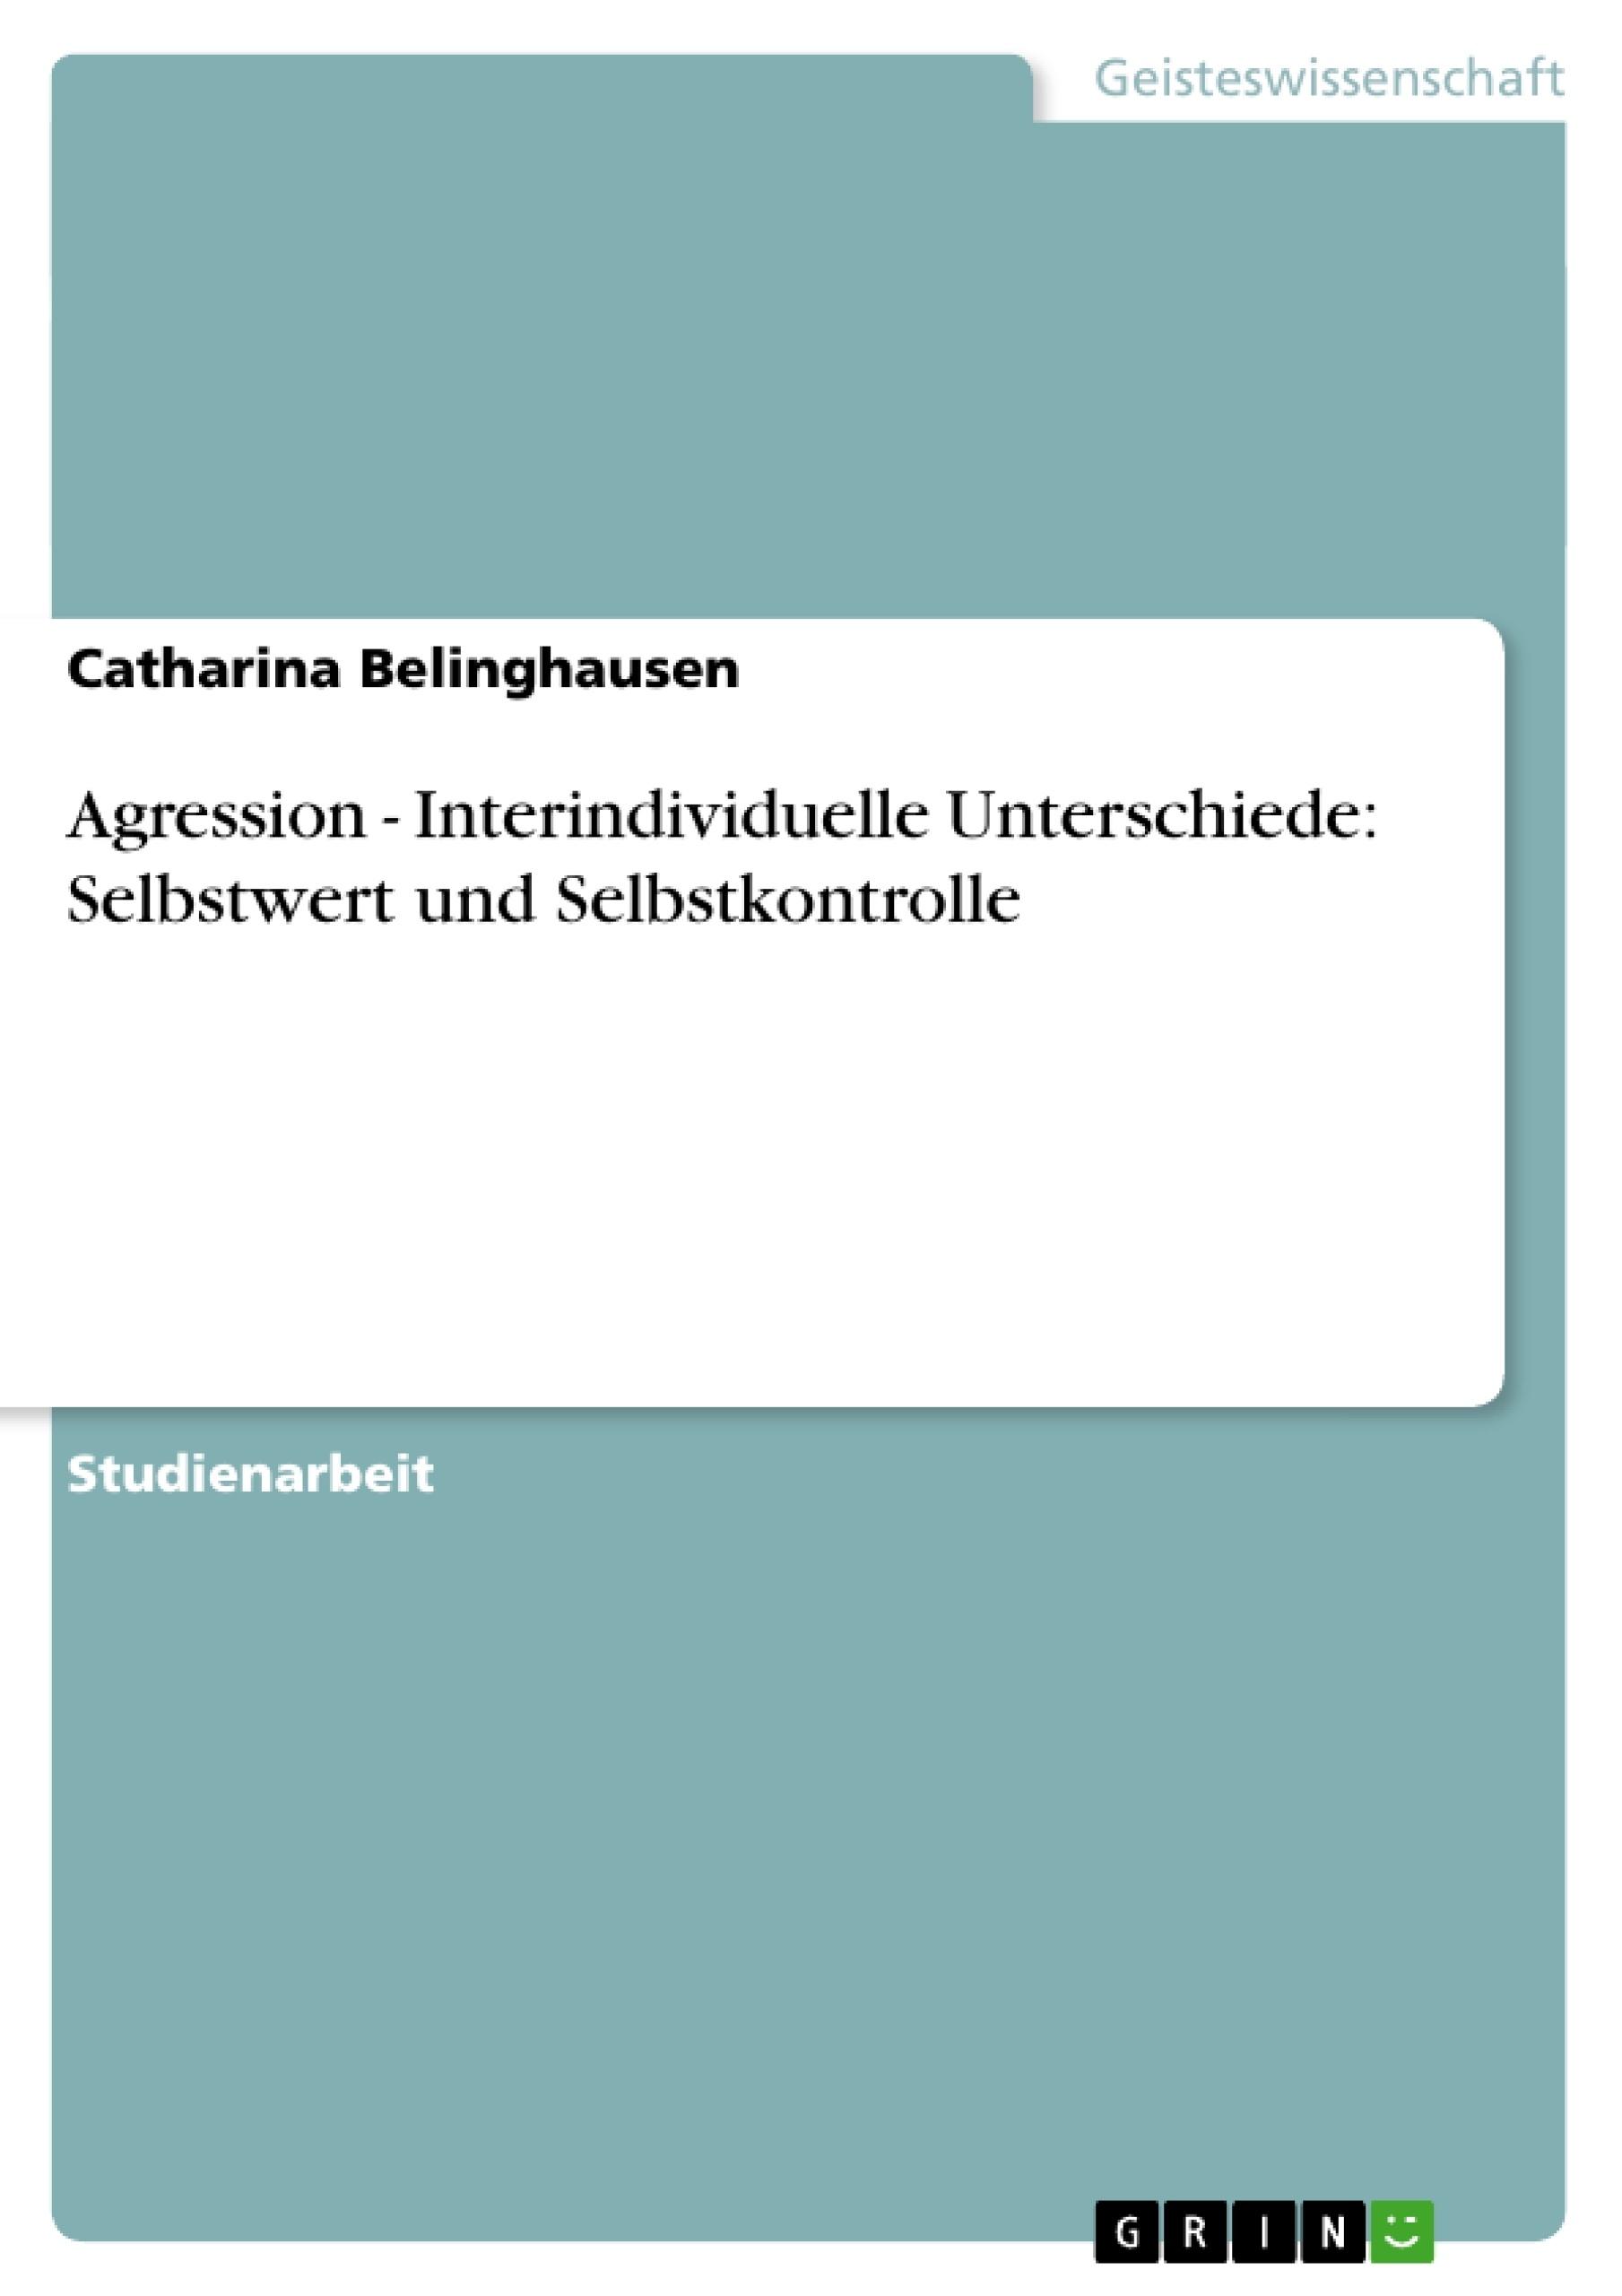 Titel: Agression - Interindividuelle Unterschiede: Selbstwert und Selbstkontrolle